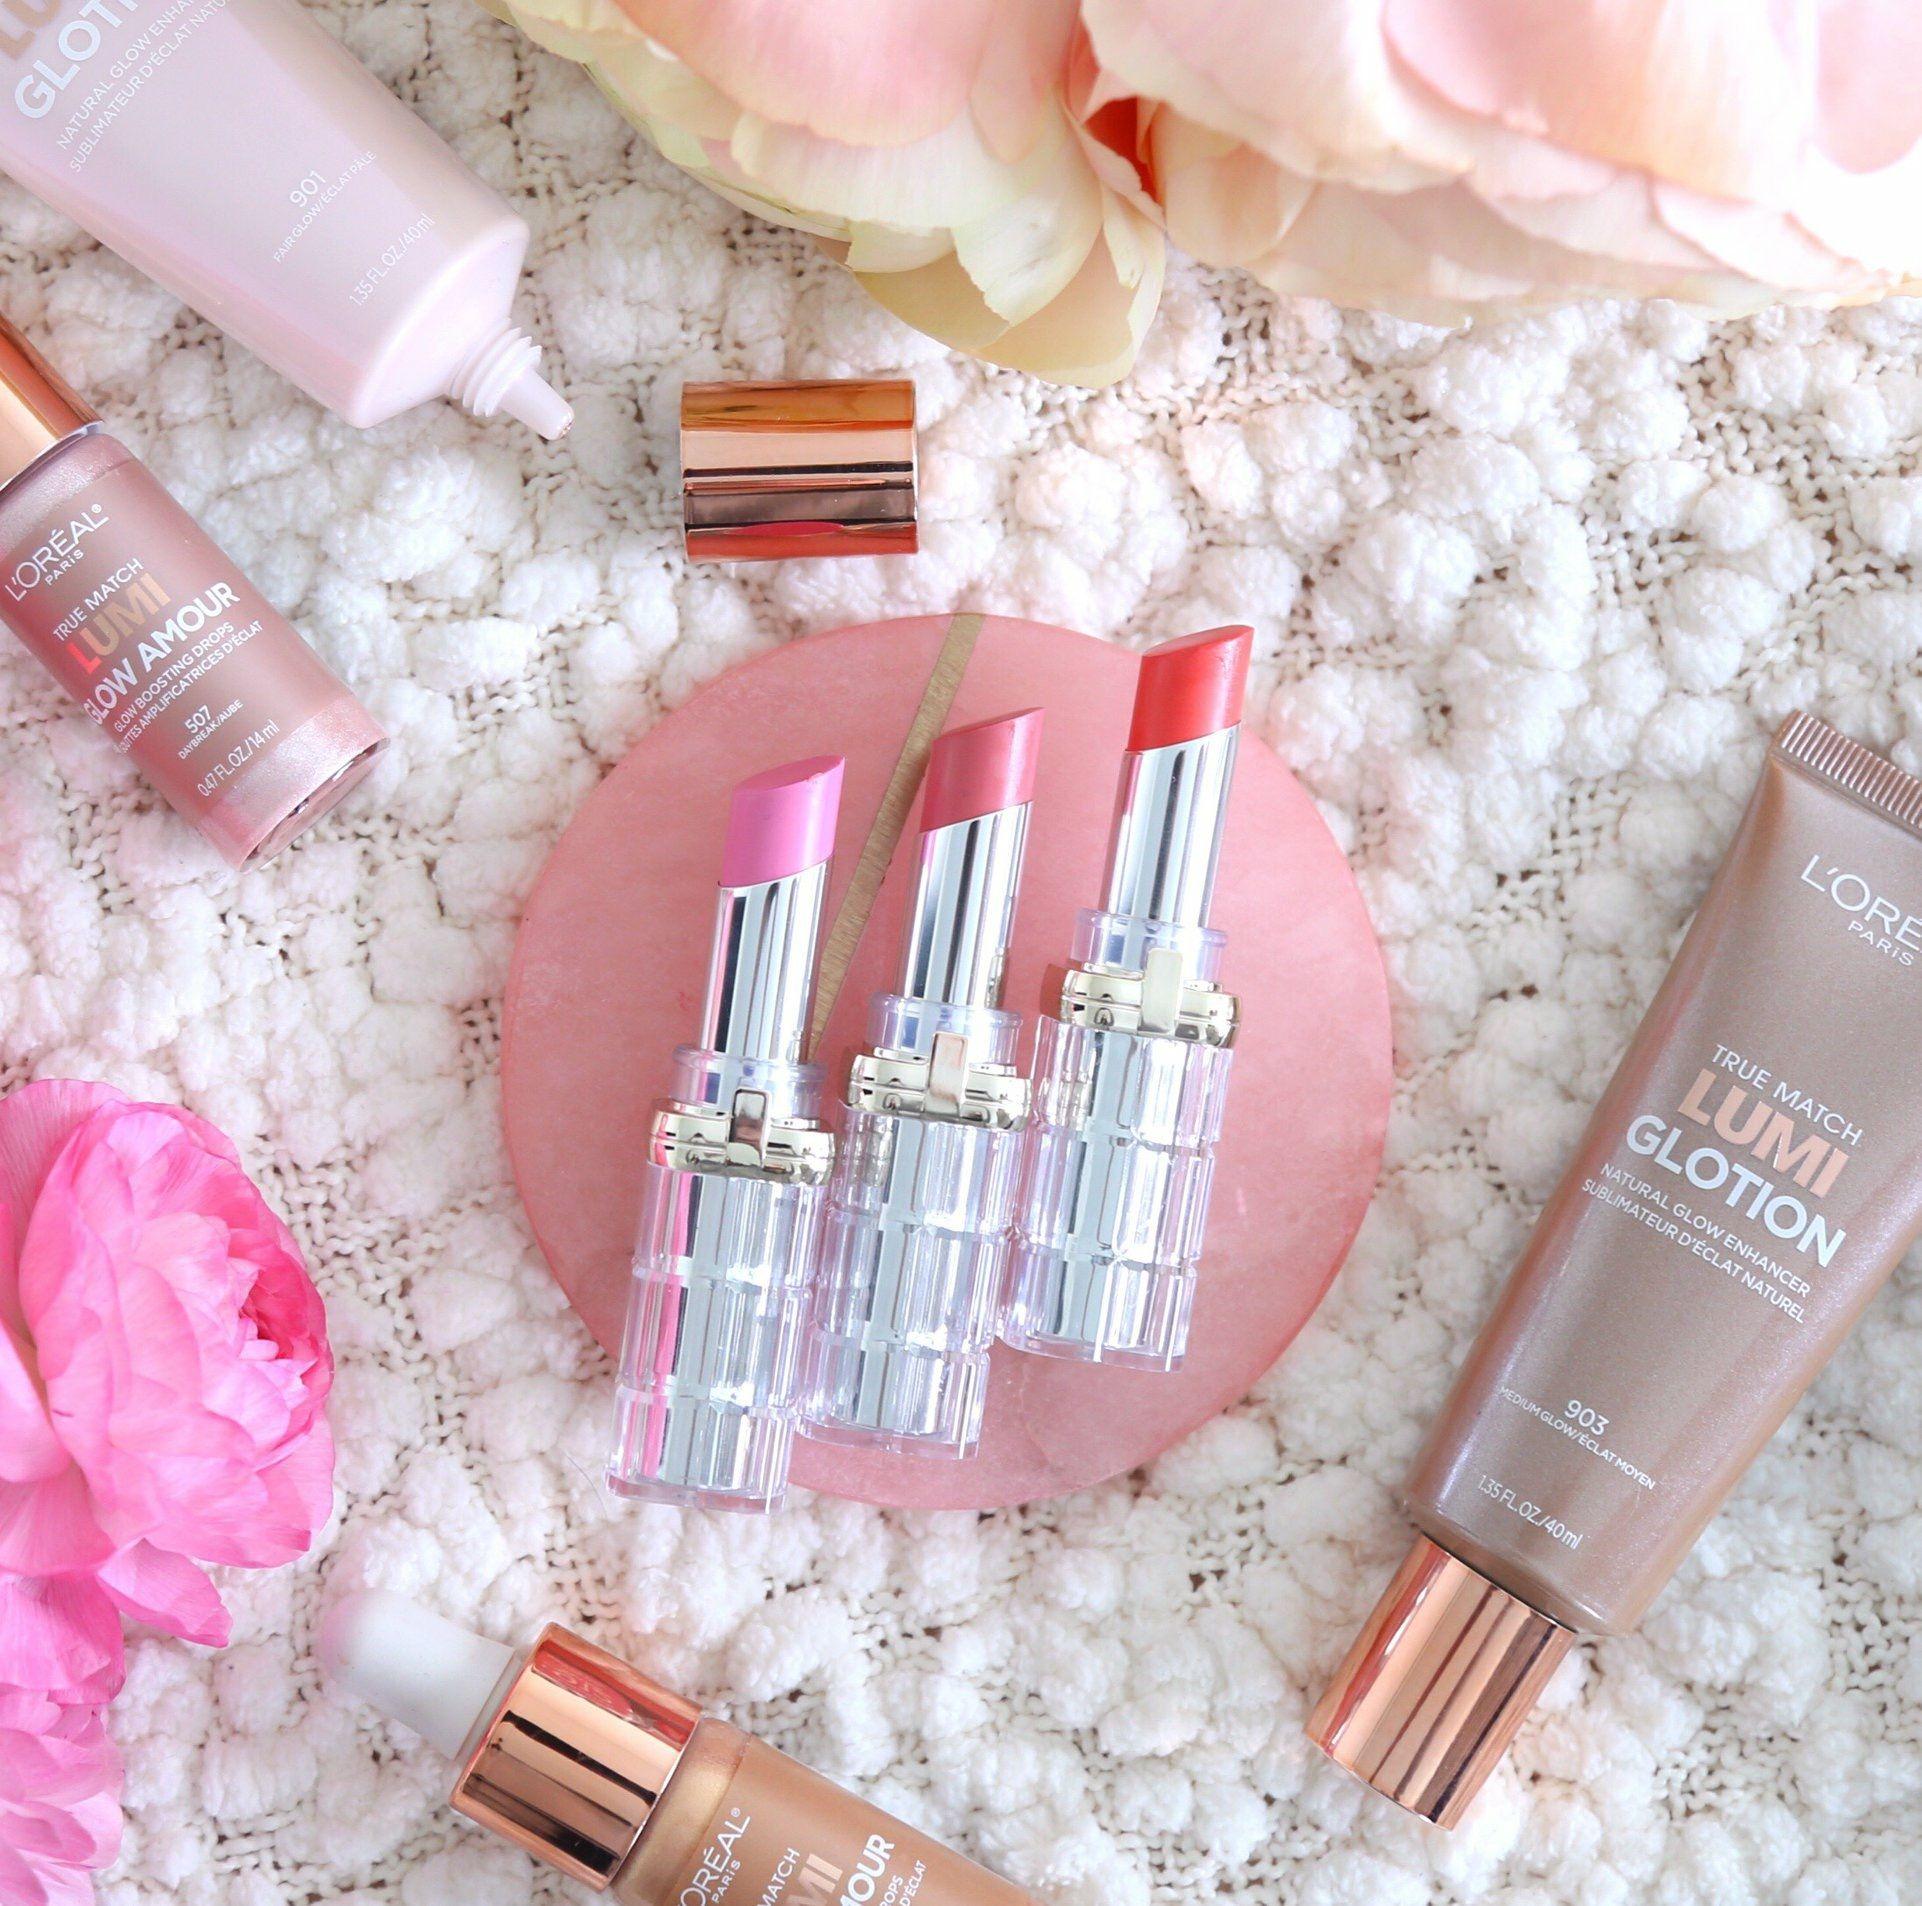 L'Oréal Paris Colour Riche Shine Lipstick, Glotion and